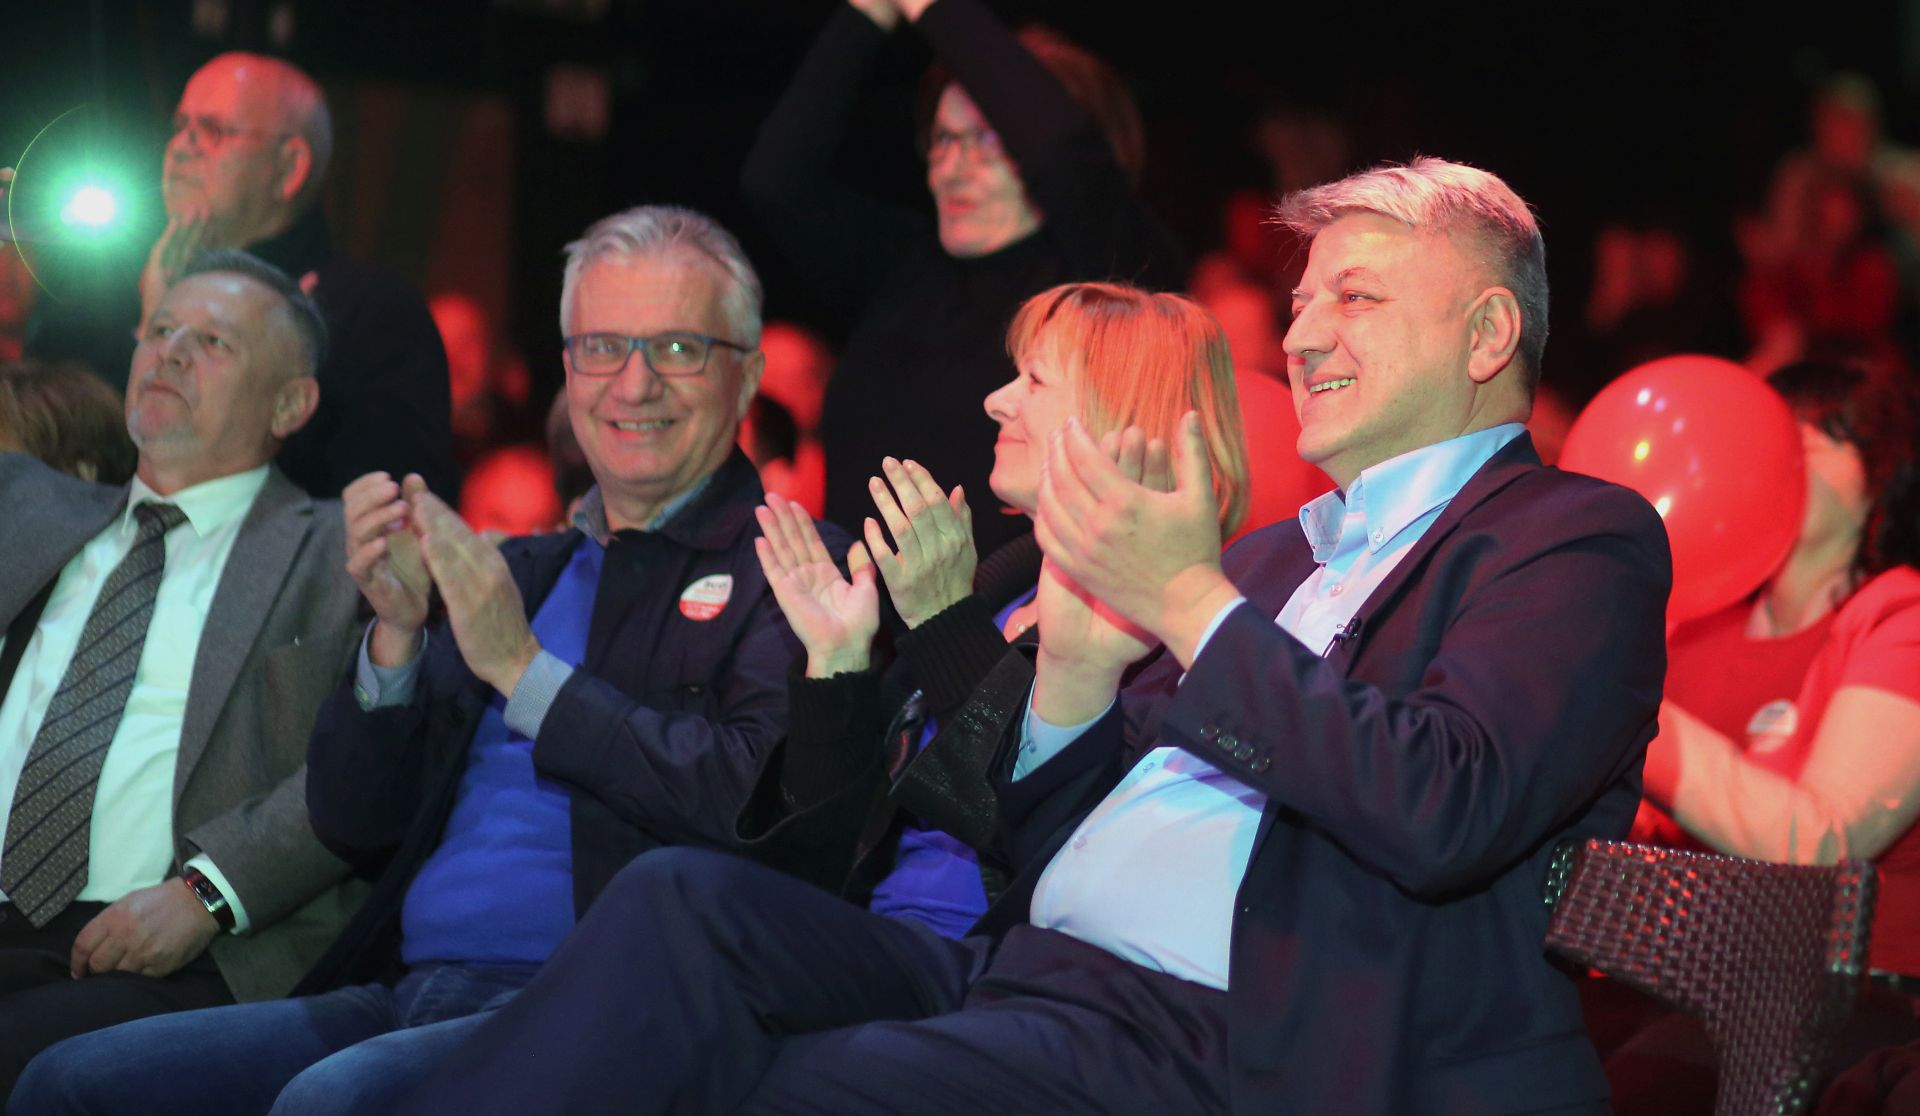 Zlatko Komadina: Postanem li predsjednik SDP-a, prvo ću razgovarati s MOST-om